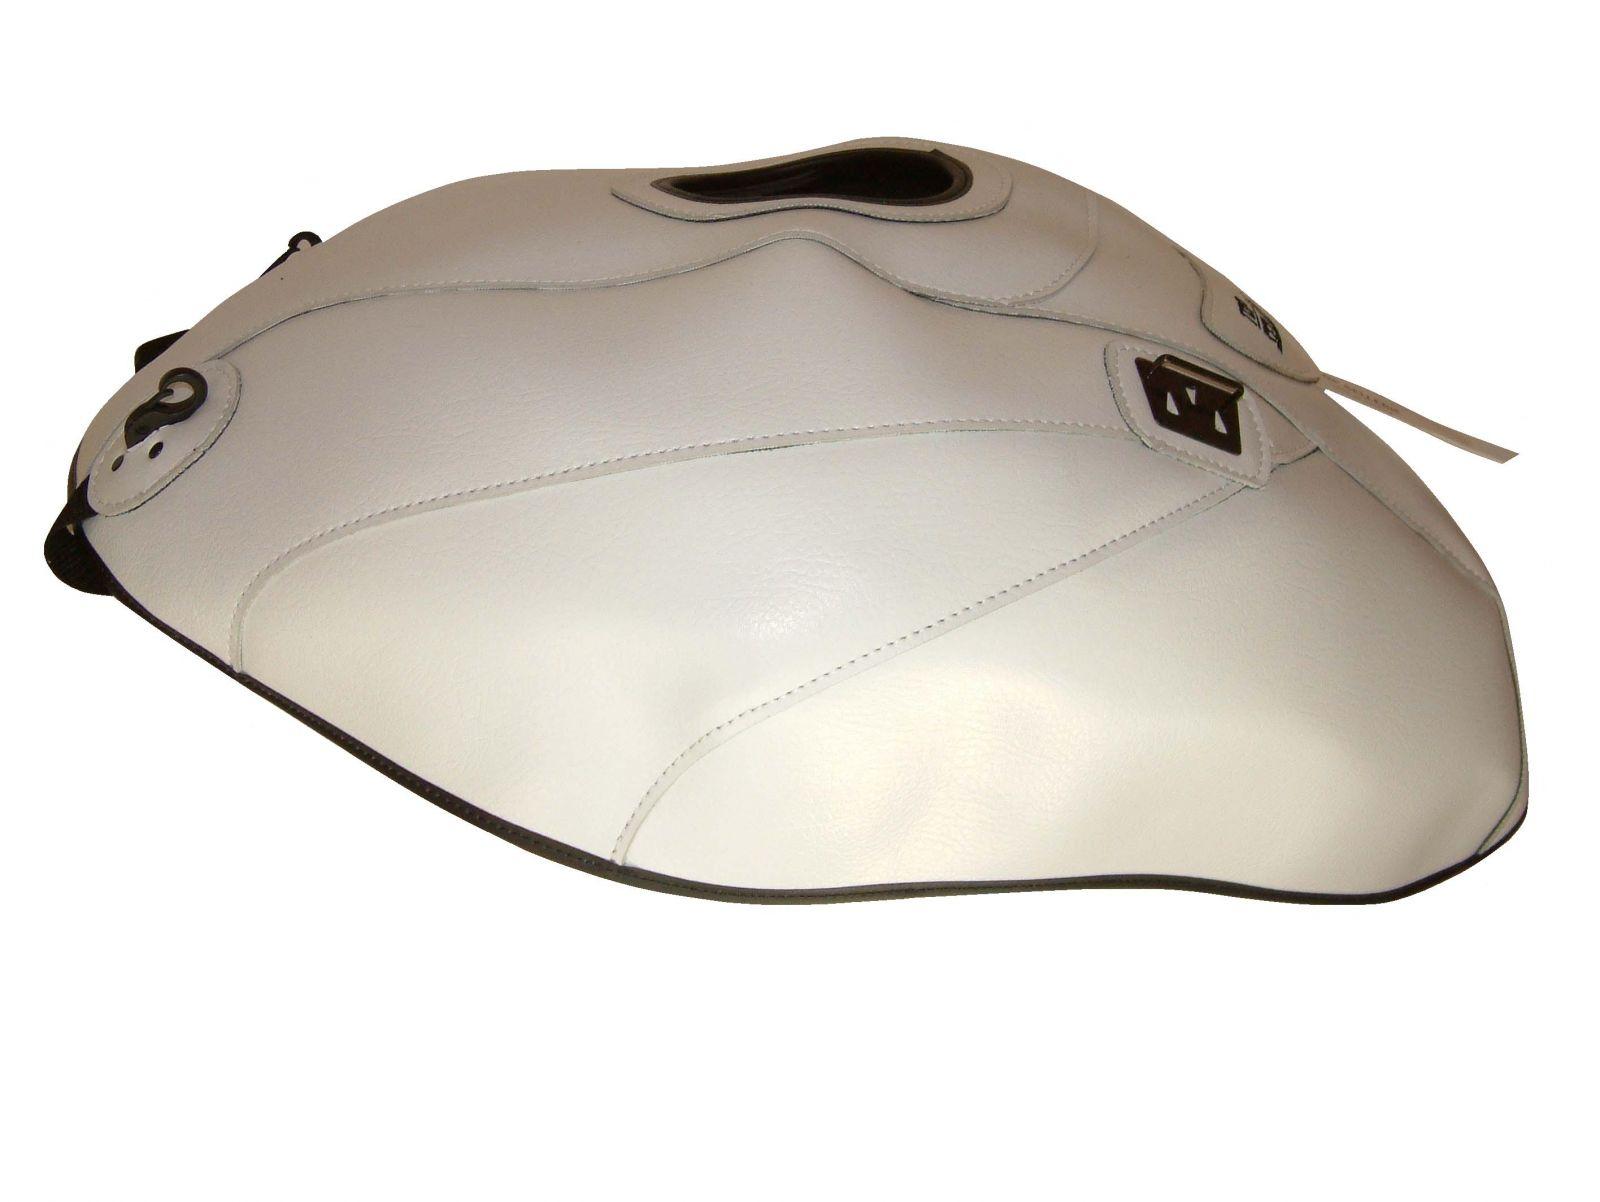 Tankschutzhaube TPR5751 - SUZUKI BANDIT 1250 [2005-2009]